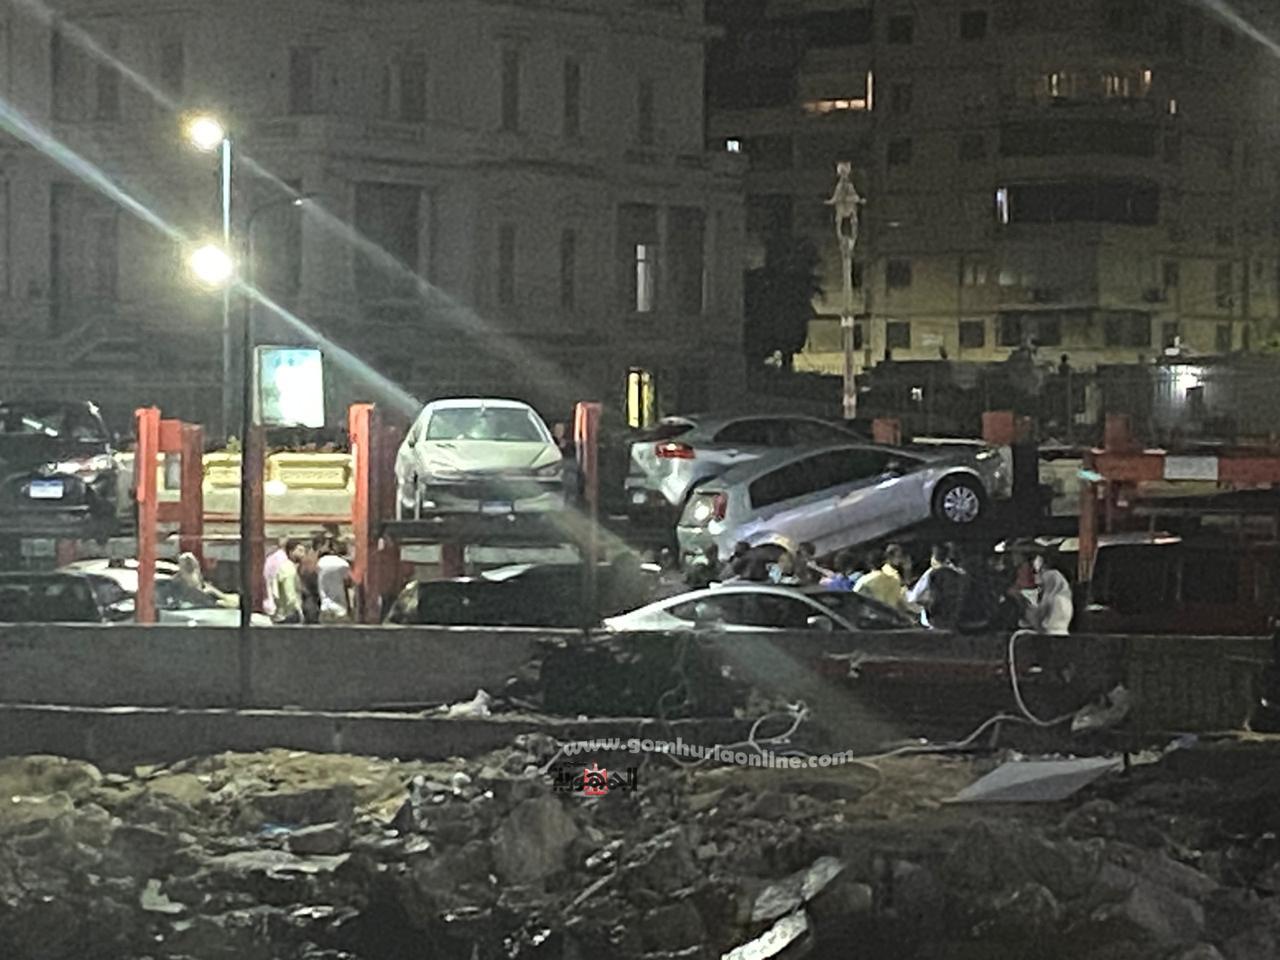 سقوط سيارة ملاكي من الطابق الثانى بجراج  منطقة المشى السياحي  جليم باى تصوير واثق حسين